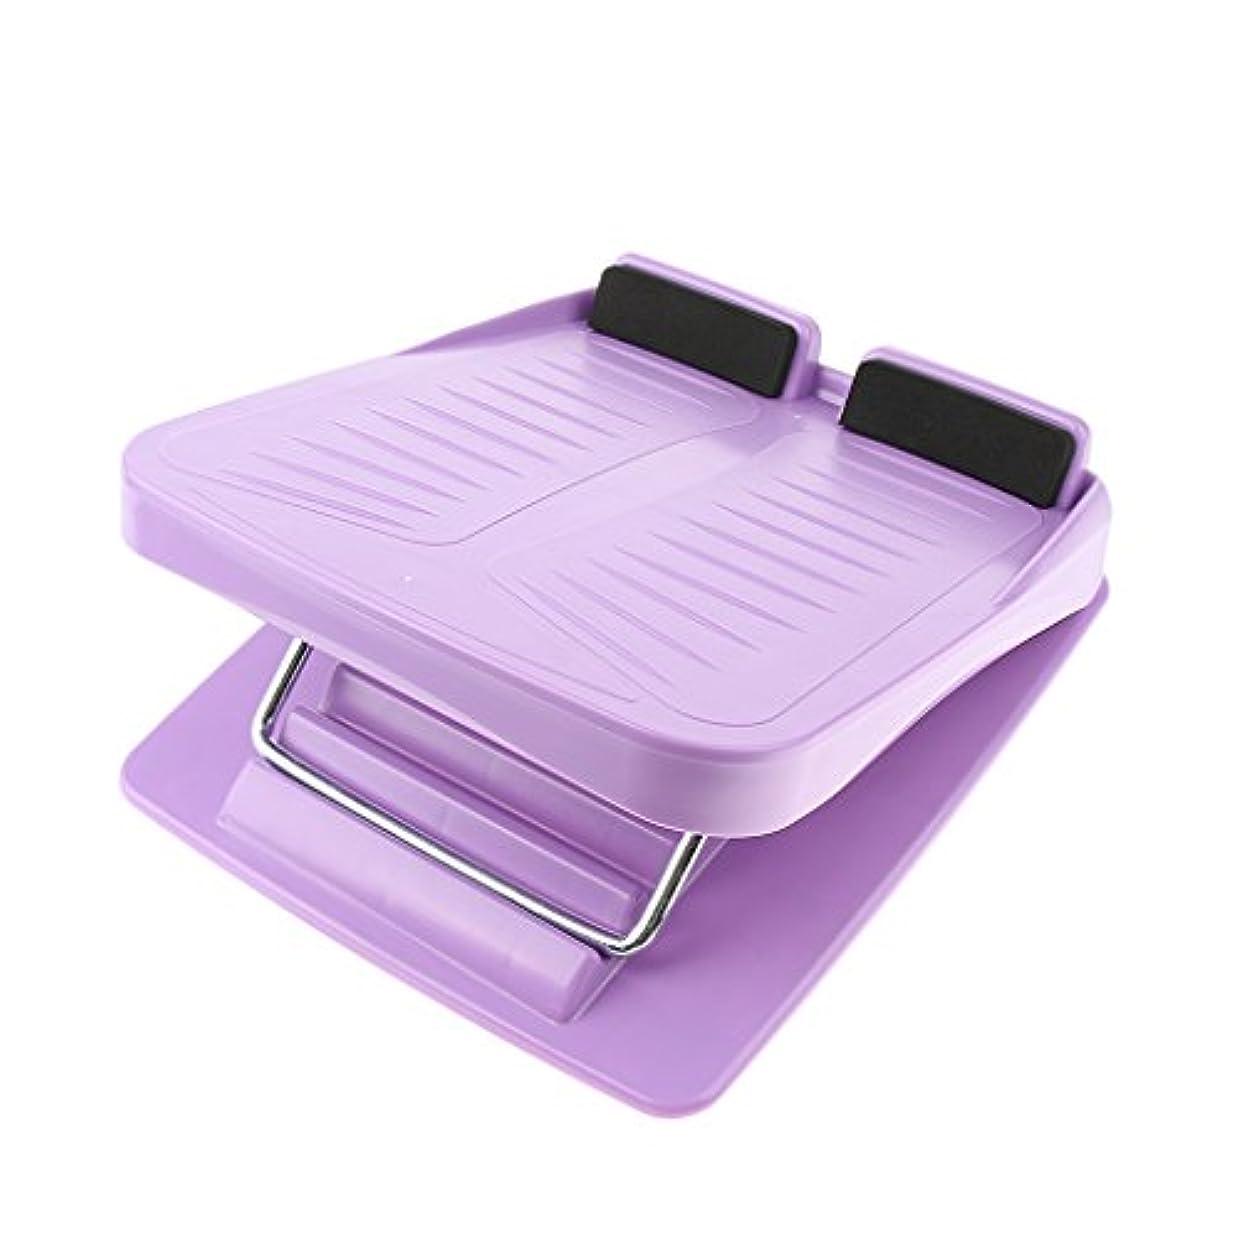 寄付する荒涼としたクローン3色 スラントボード アンチスリップ 調整可能 カーフストレッチ 斜面ボード ウェッジストレッチャー - 紫の